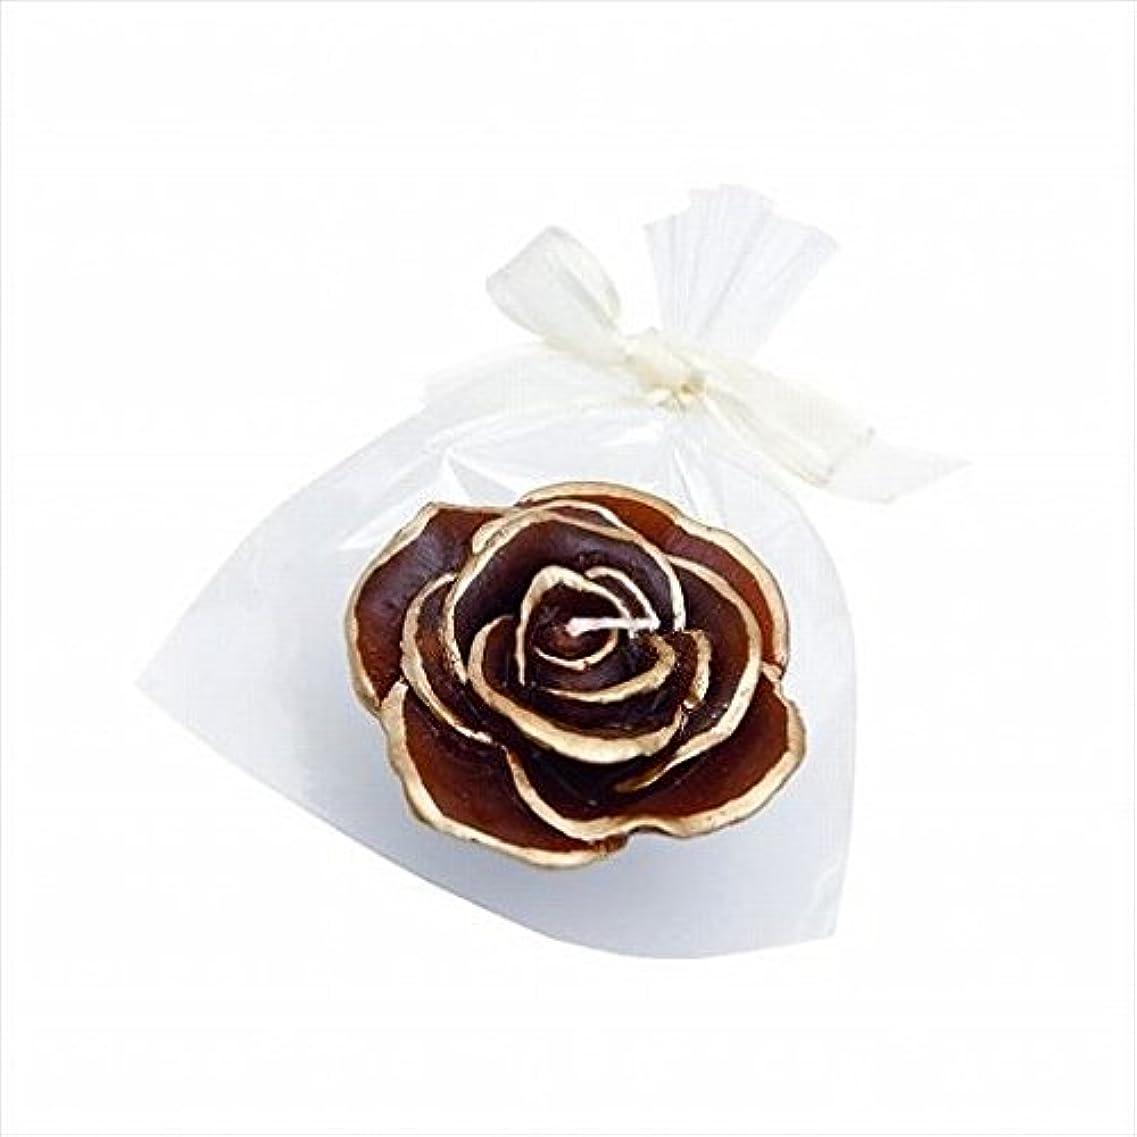 感覚解説無一文kameyama candle(カメヤマキャンドル) プリンセスローズ 「 チョコレート 」(A6390500CH)